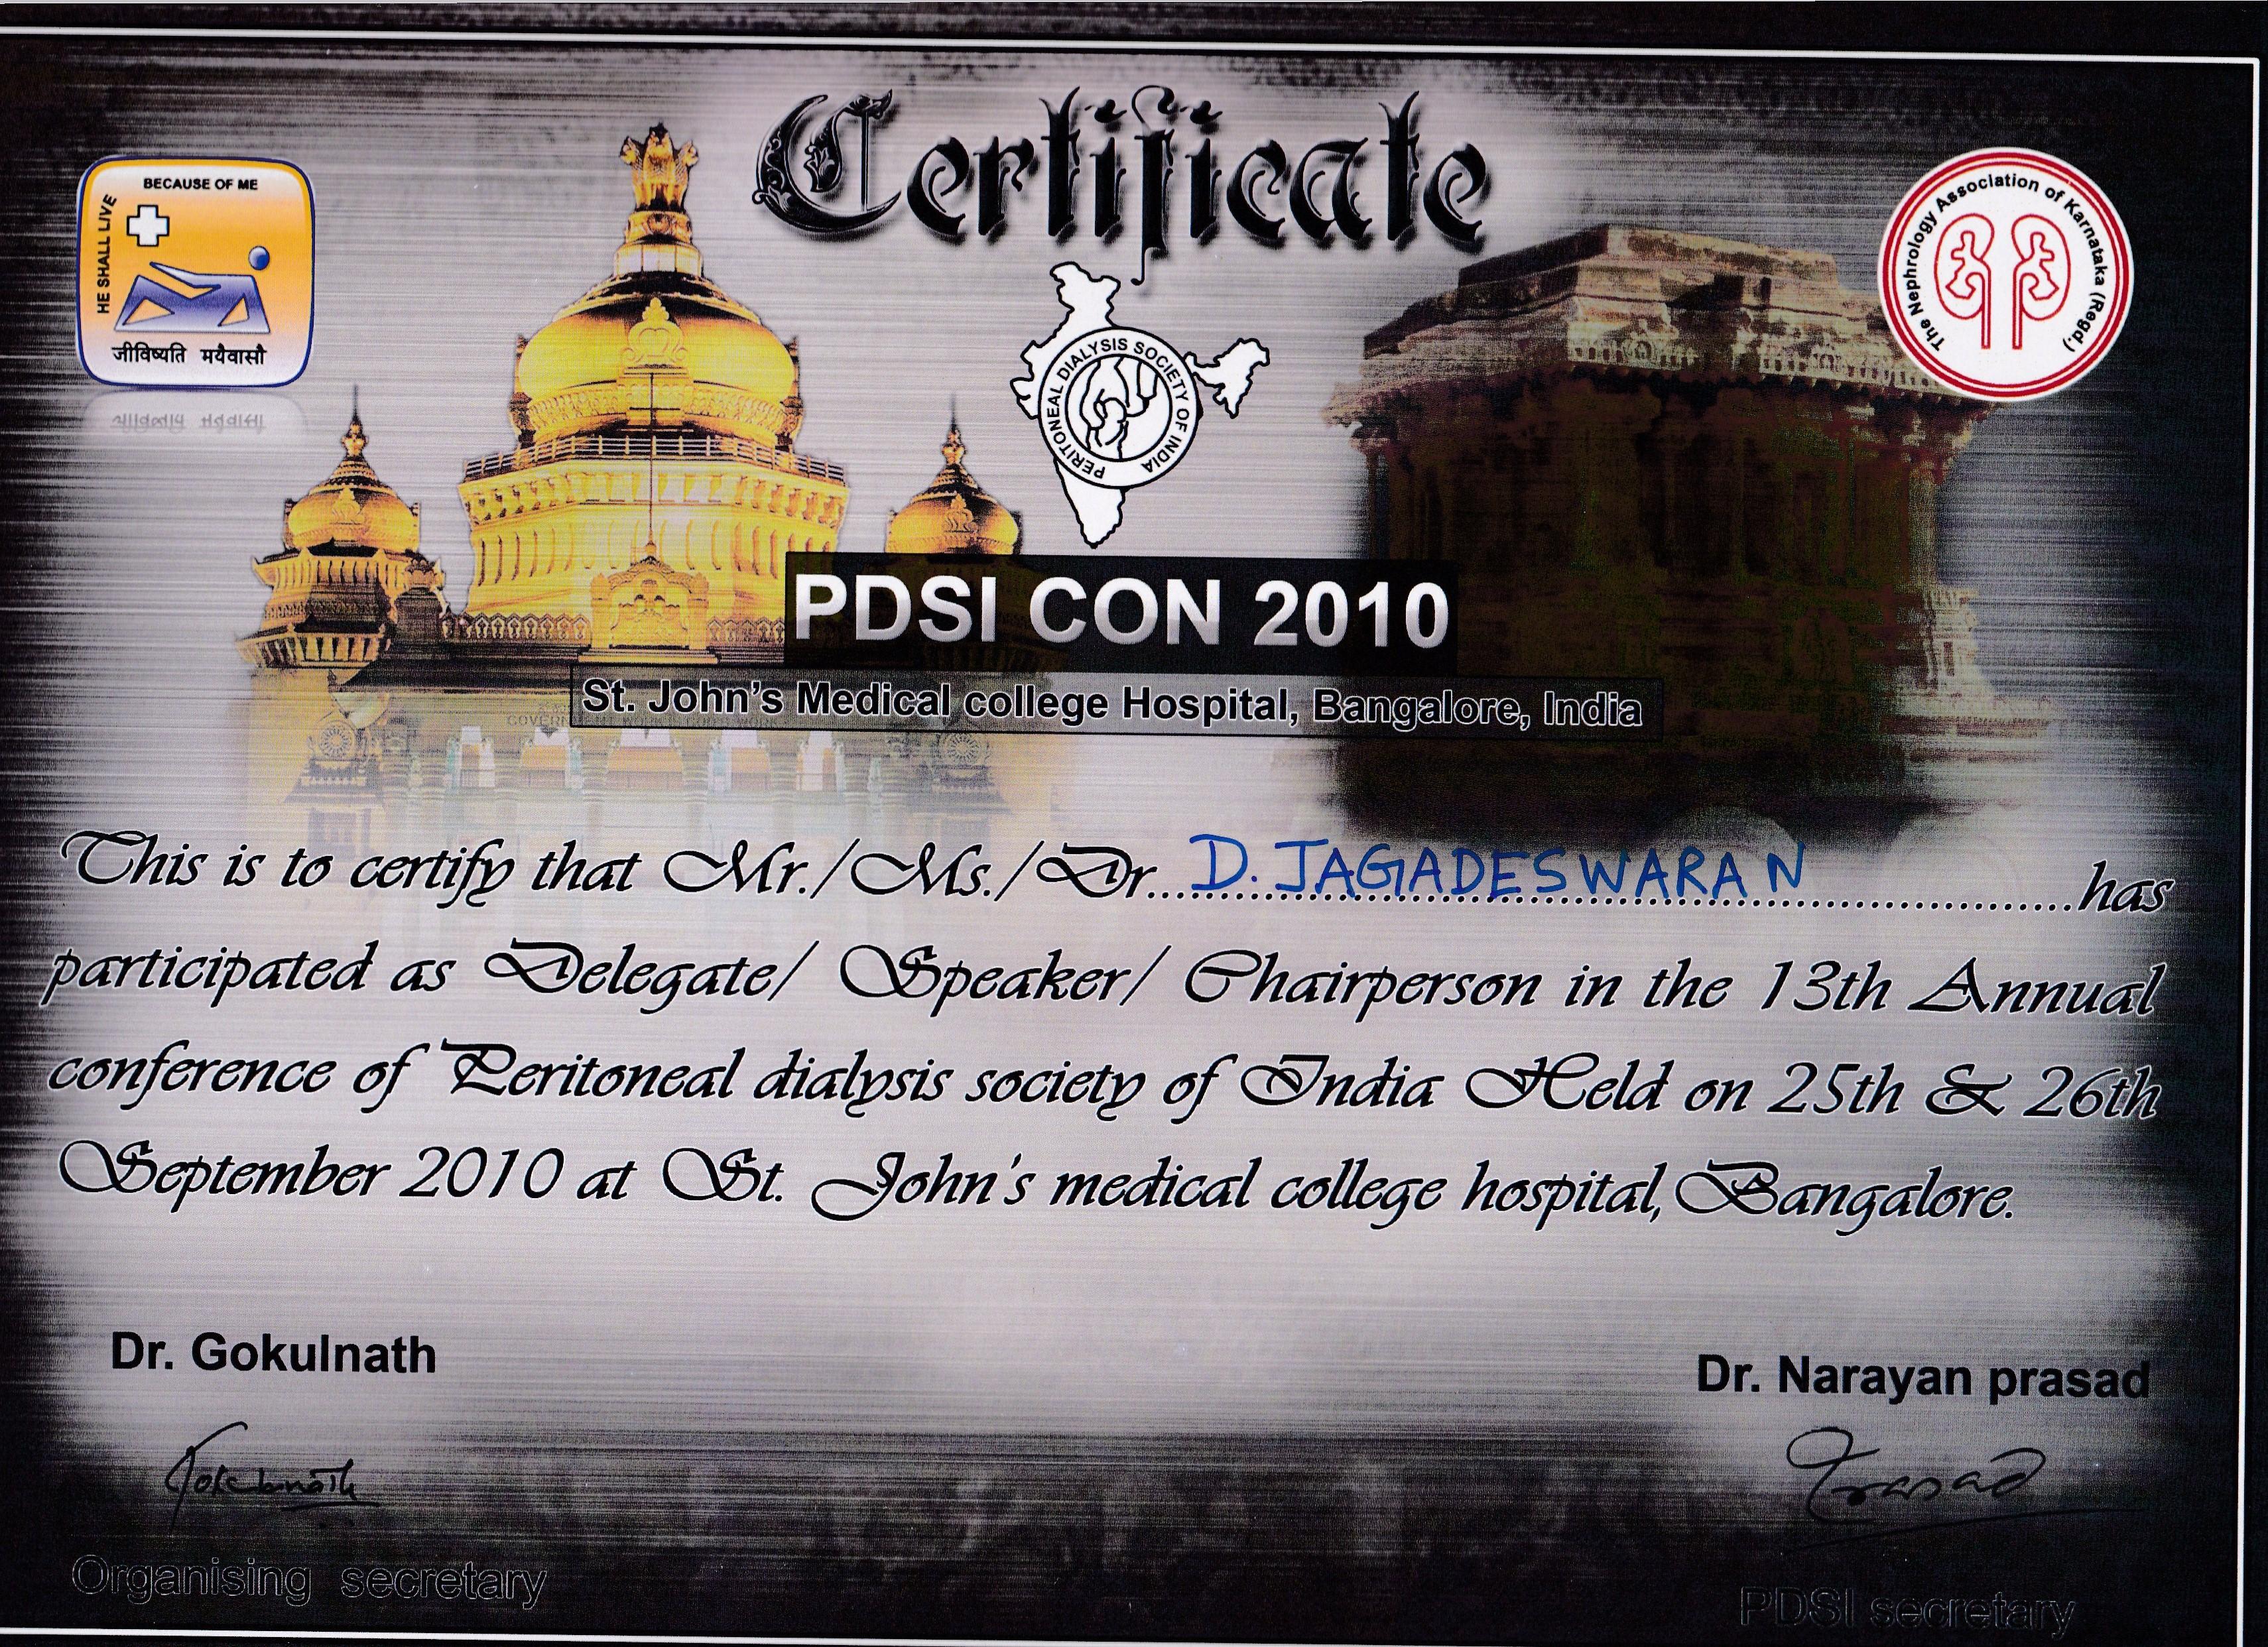 PDSI 2010.jpg